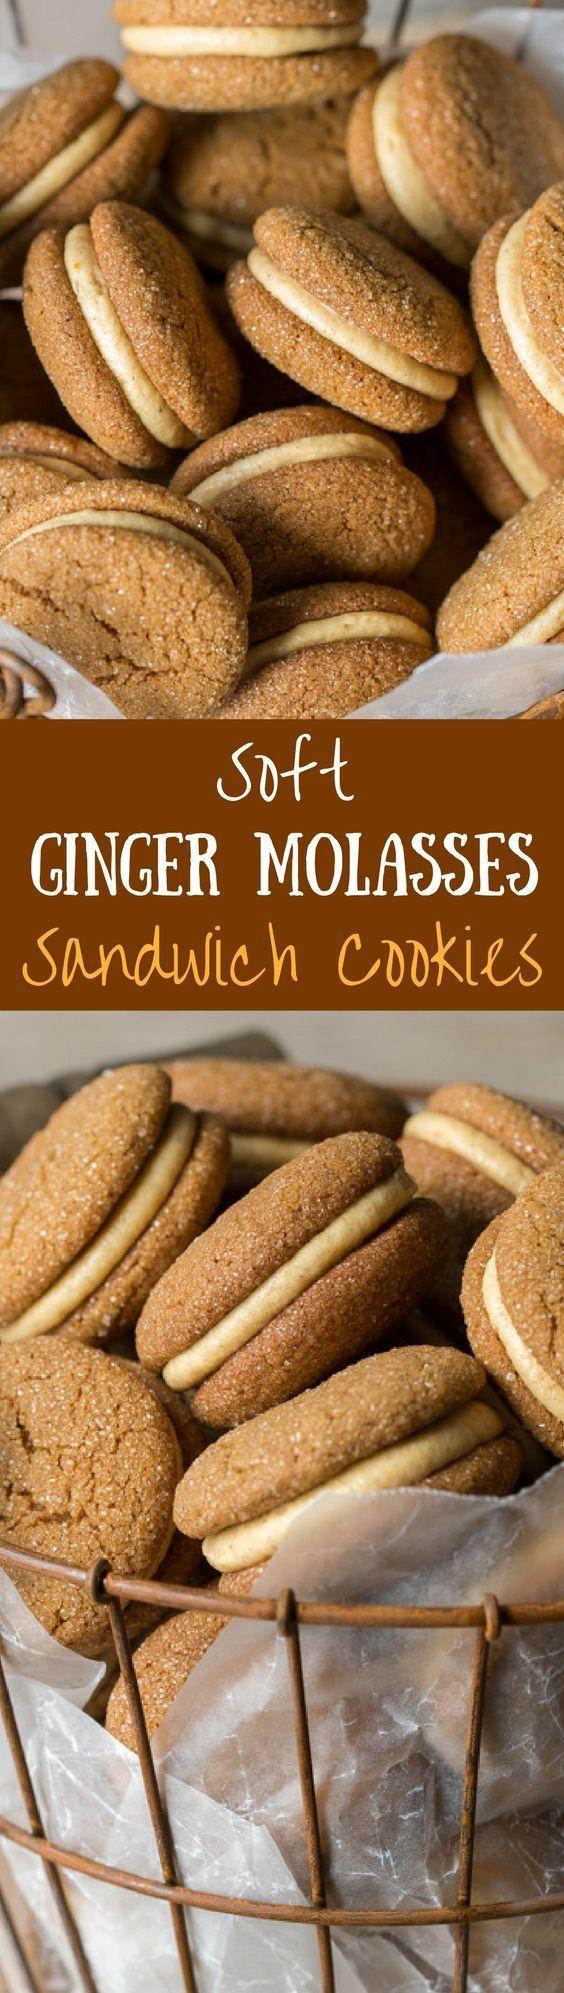 Soft Ginger Molasses Cookies with Pumpkin-Butter Buttercream   http://www.savingdessert.com